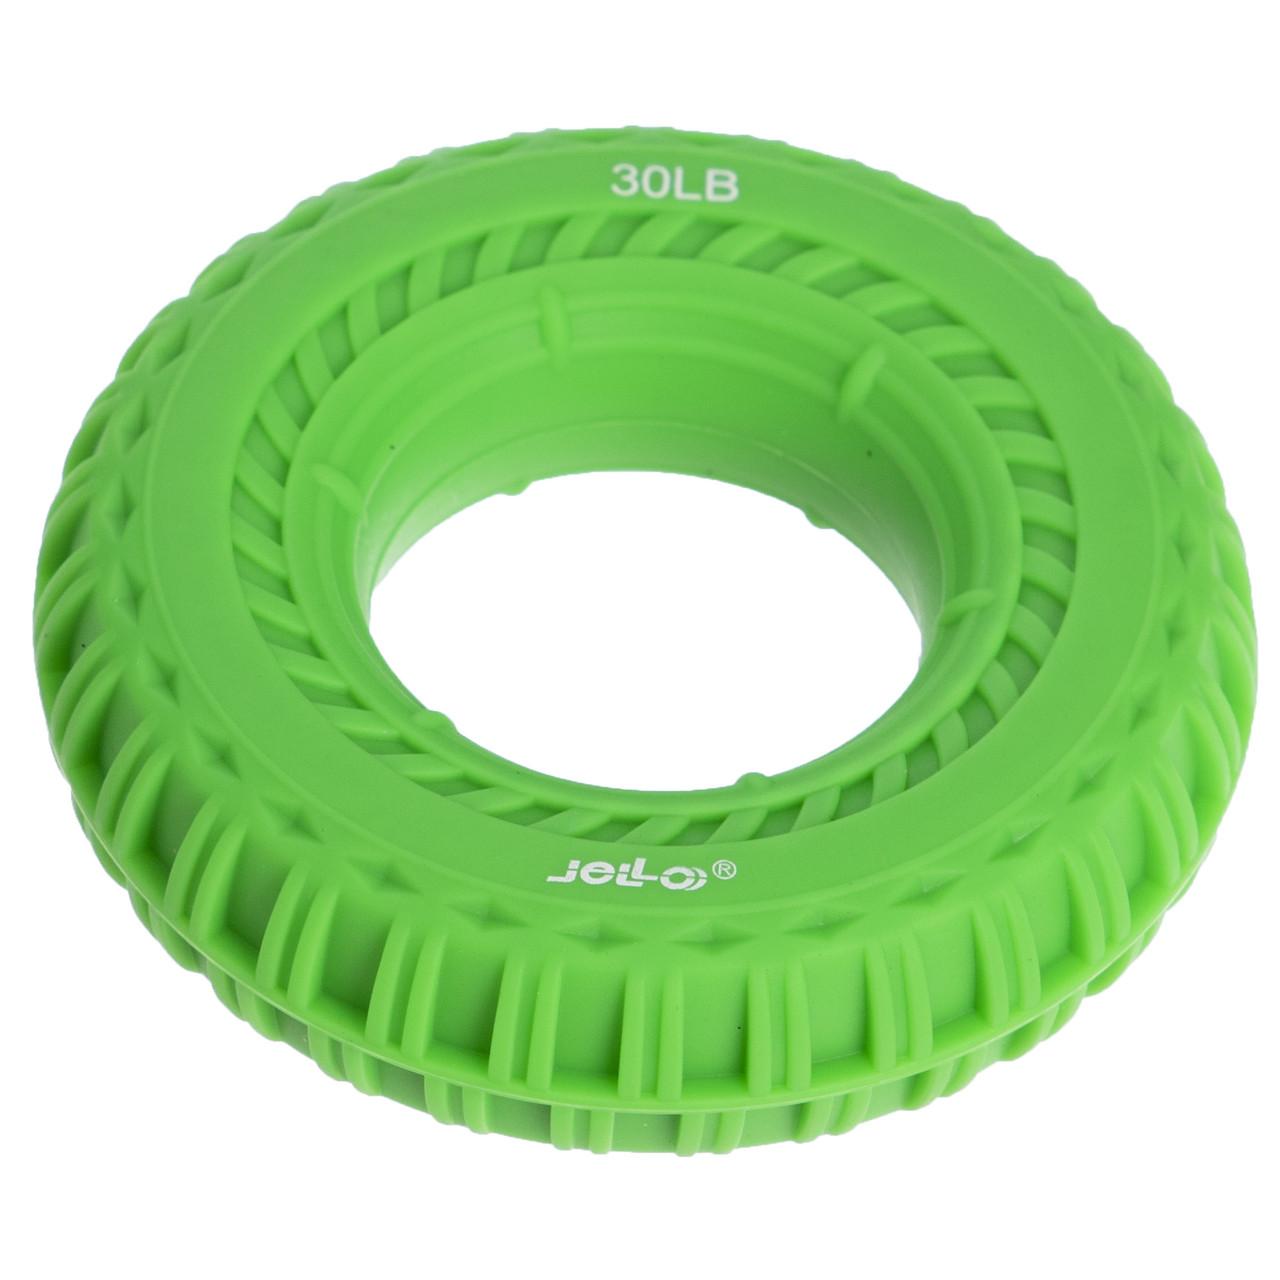 Еспандер кистьовий Кільце 13,5 кг зелений JELLO JLA470-30LB